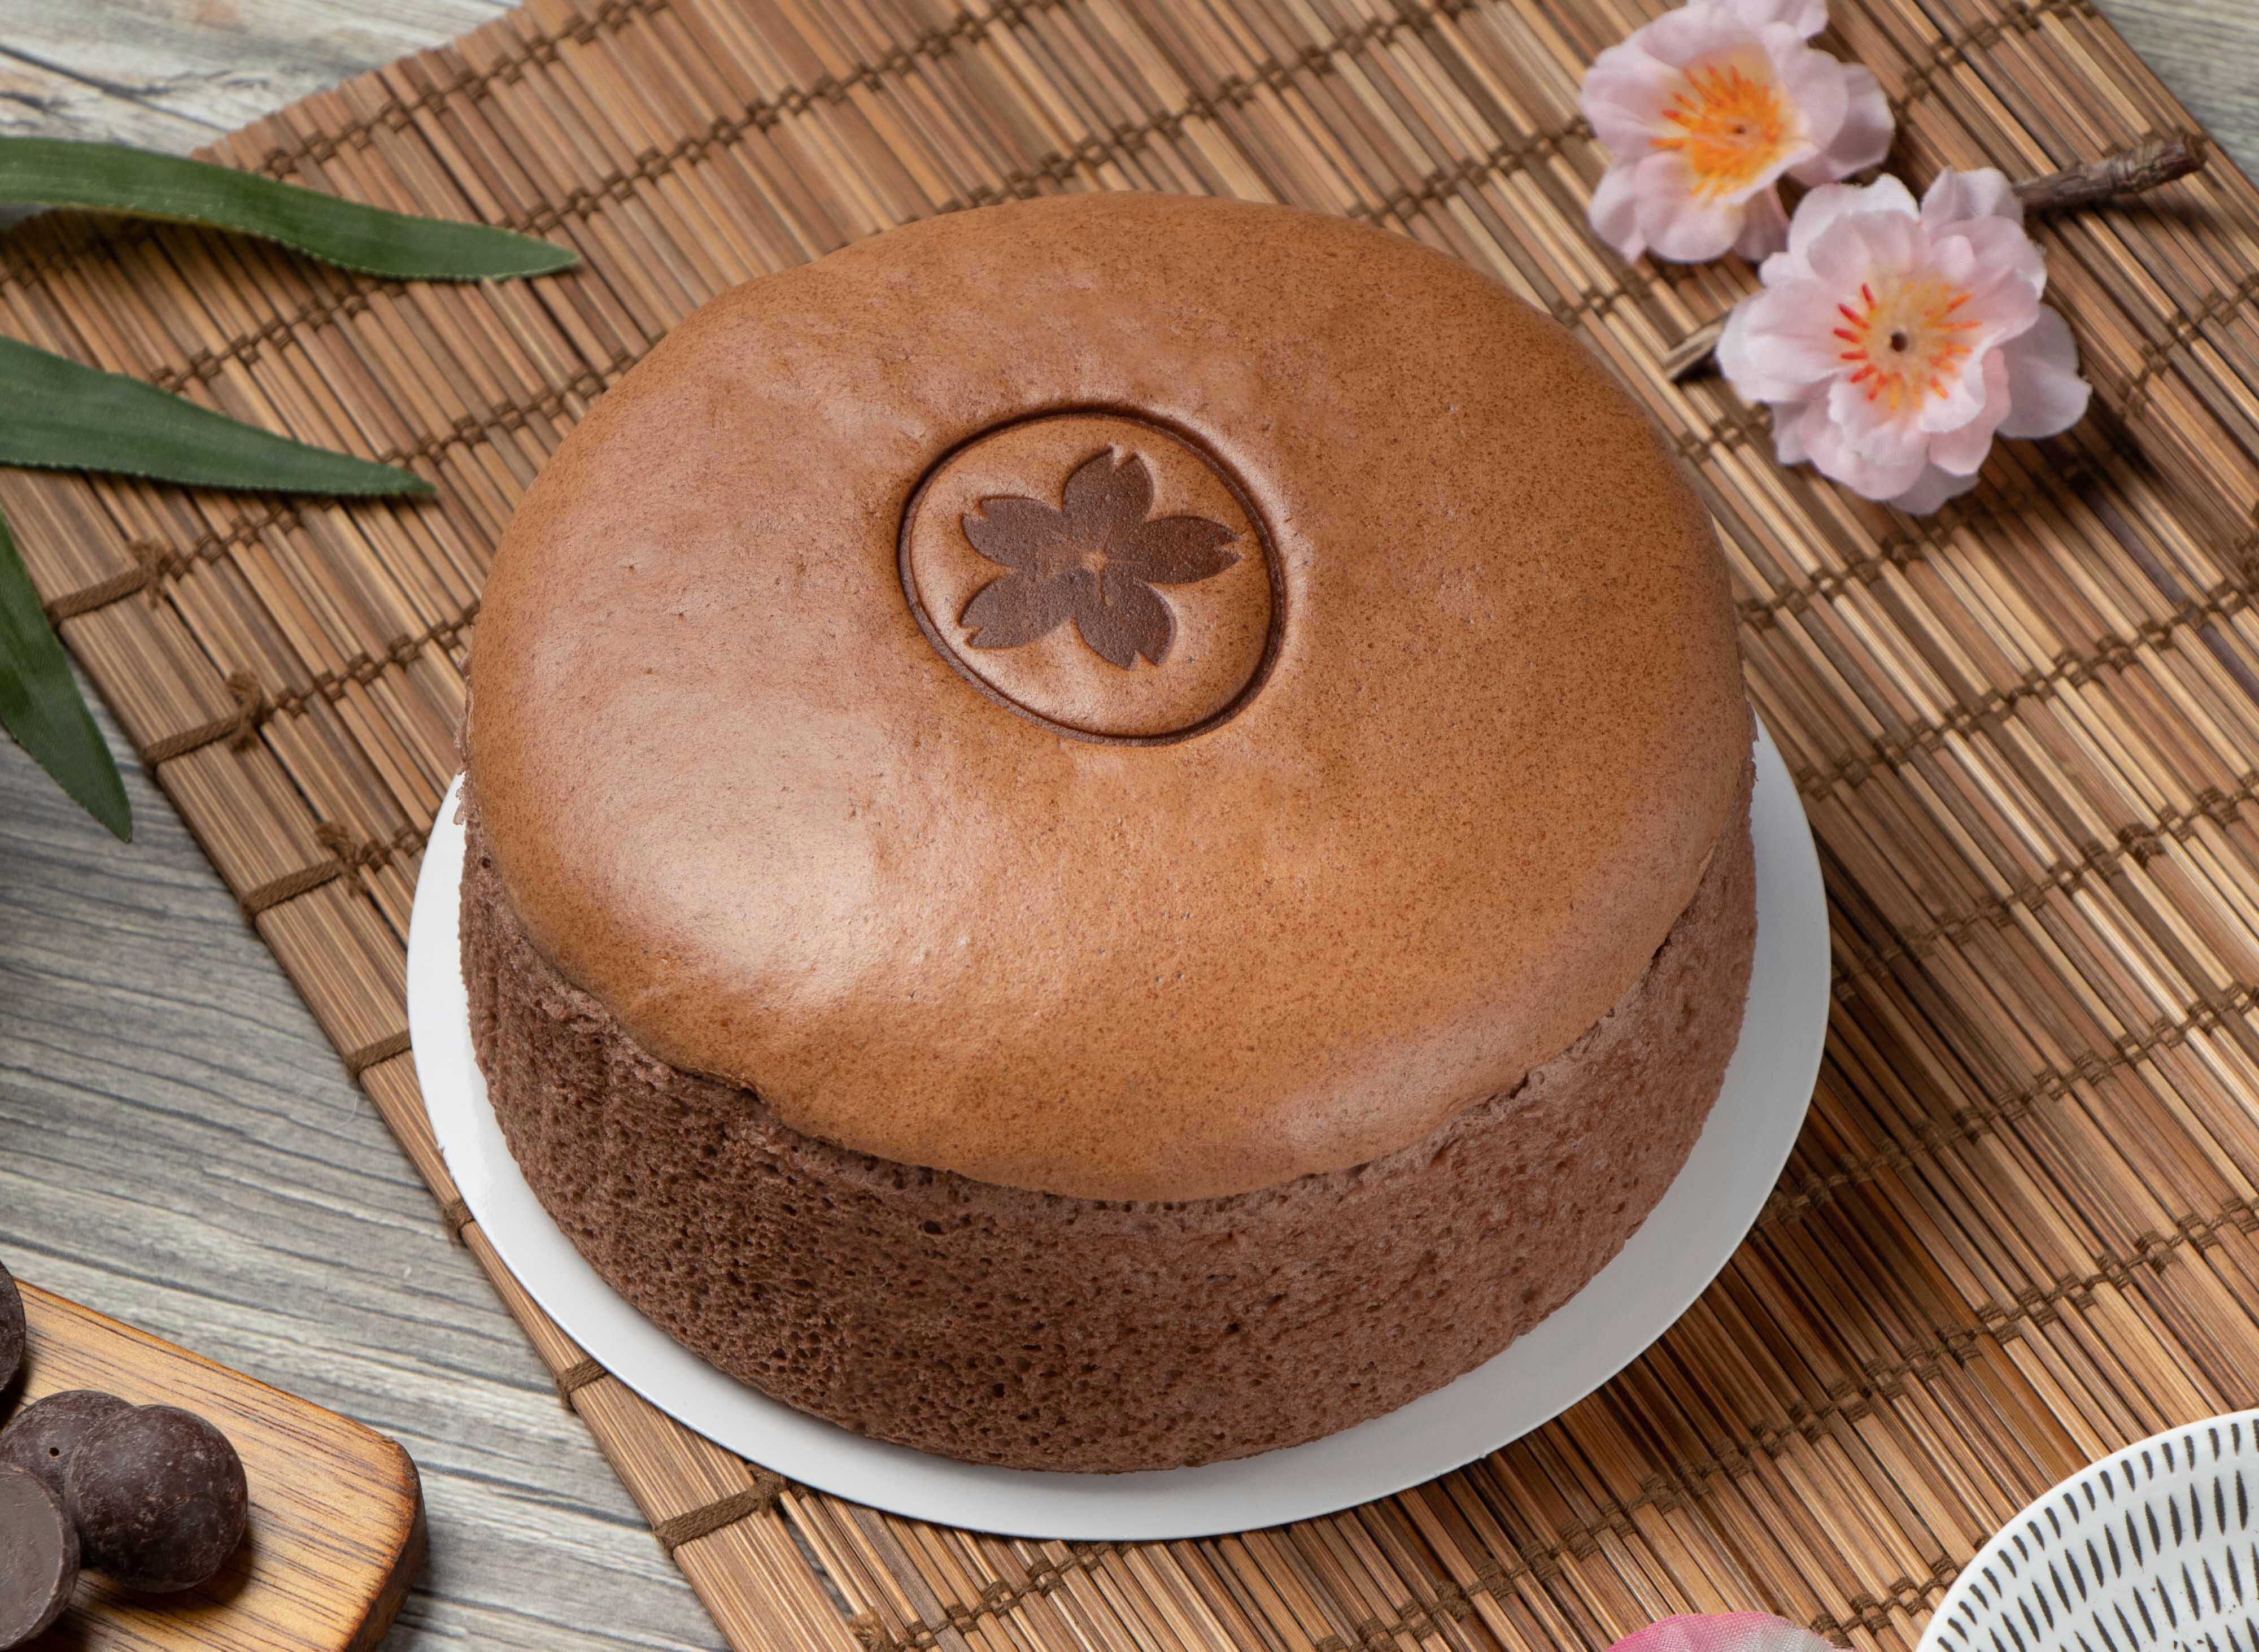 幸福屋-日式輕乳酪蛋糕 牛奶巧克力  6吋 伴手禮~彌月蛋糕~團購美食~